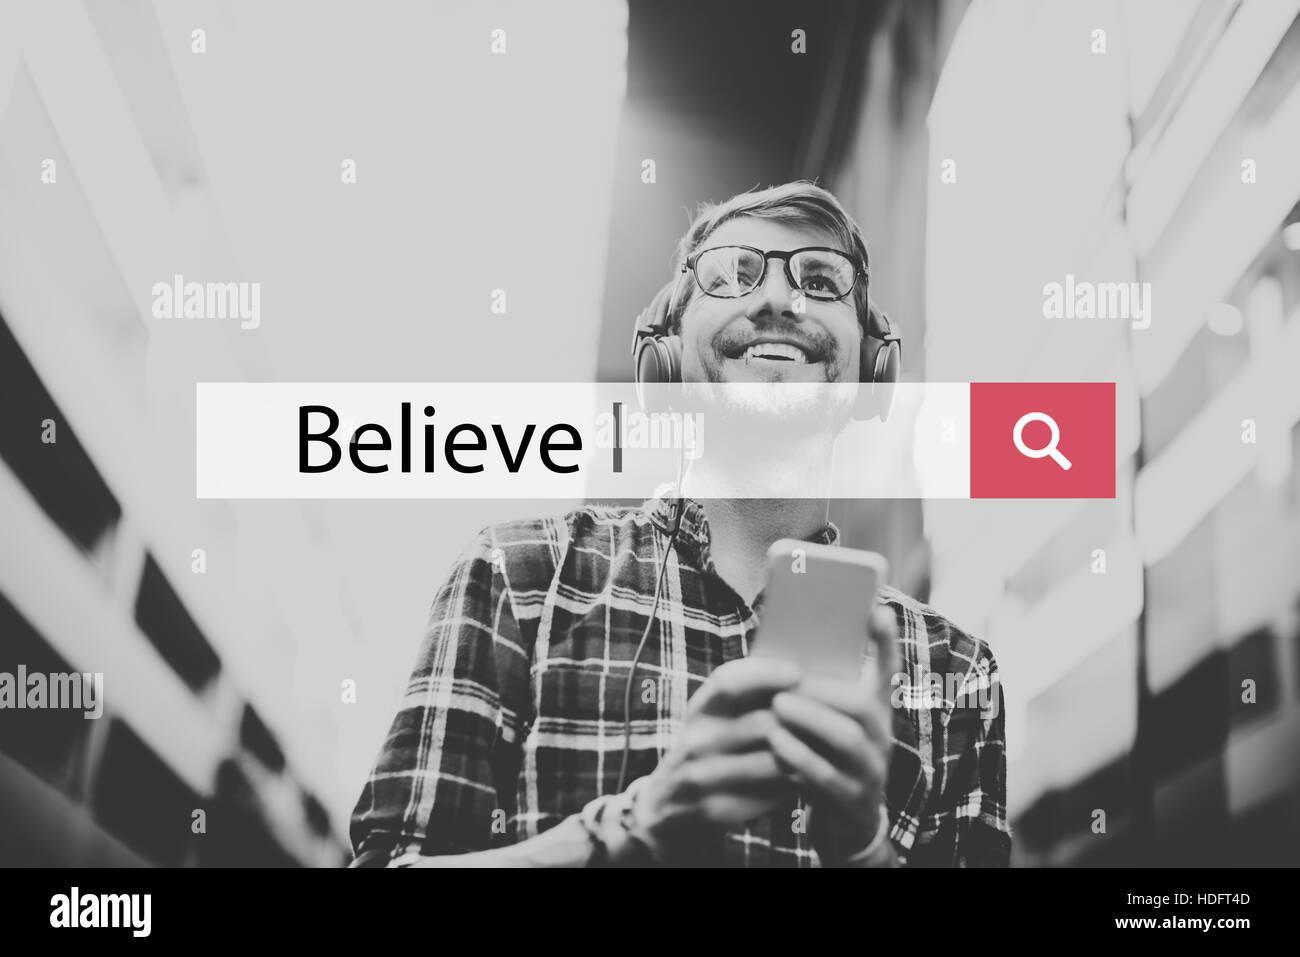 Creo confianza fe esperanza concepto Imagen De Stock